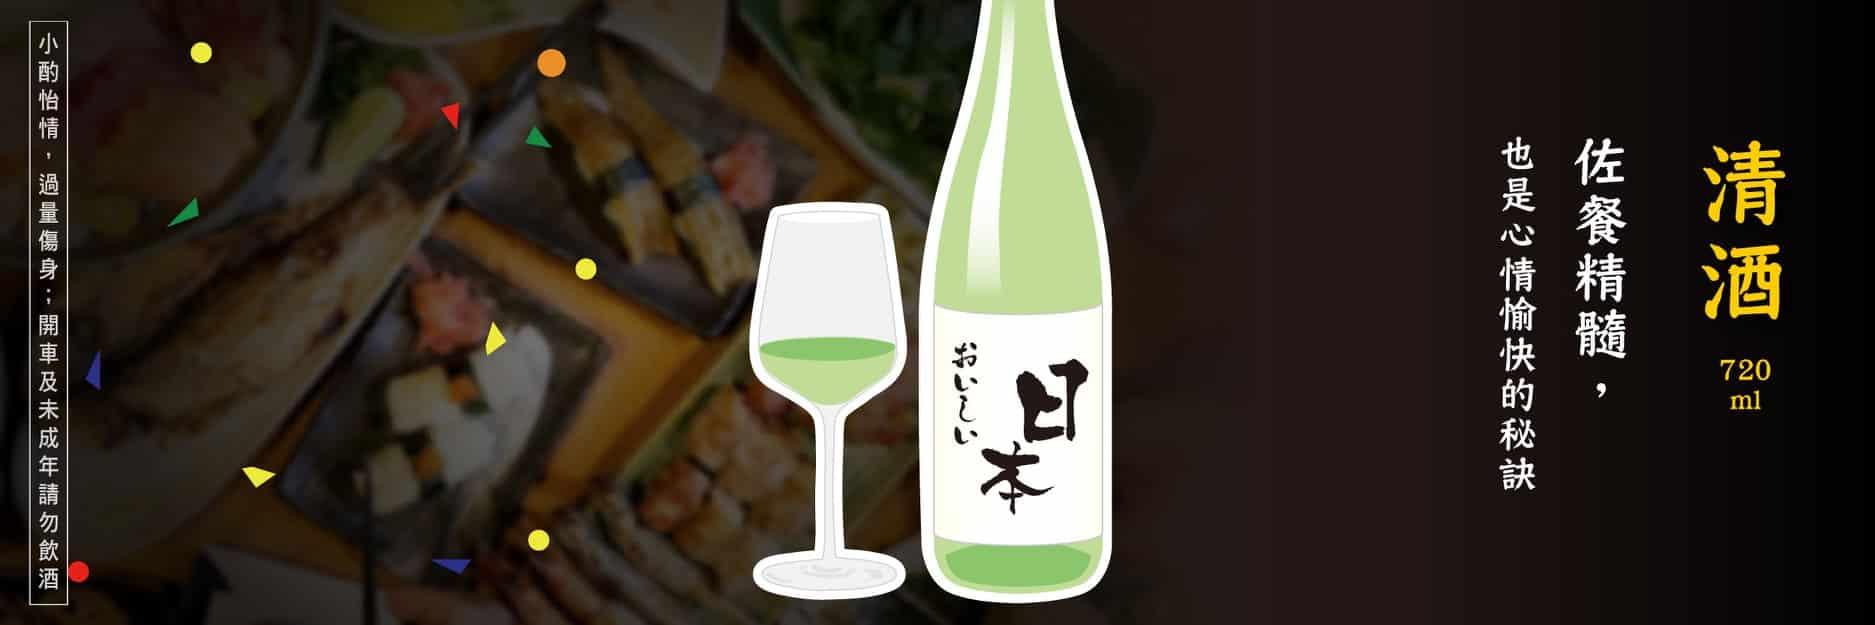 野草居食屋-周年慶 (4)